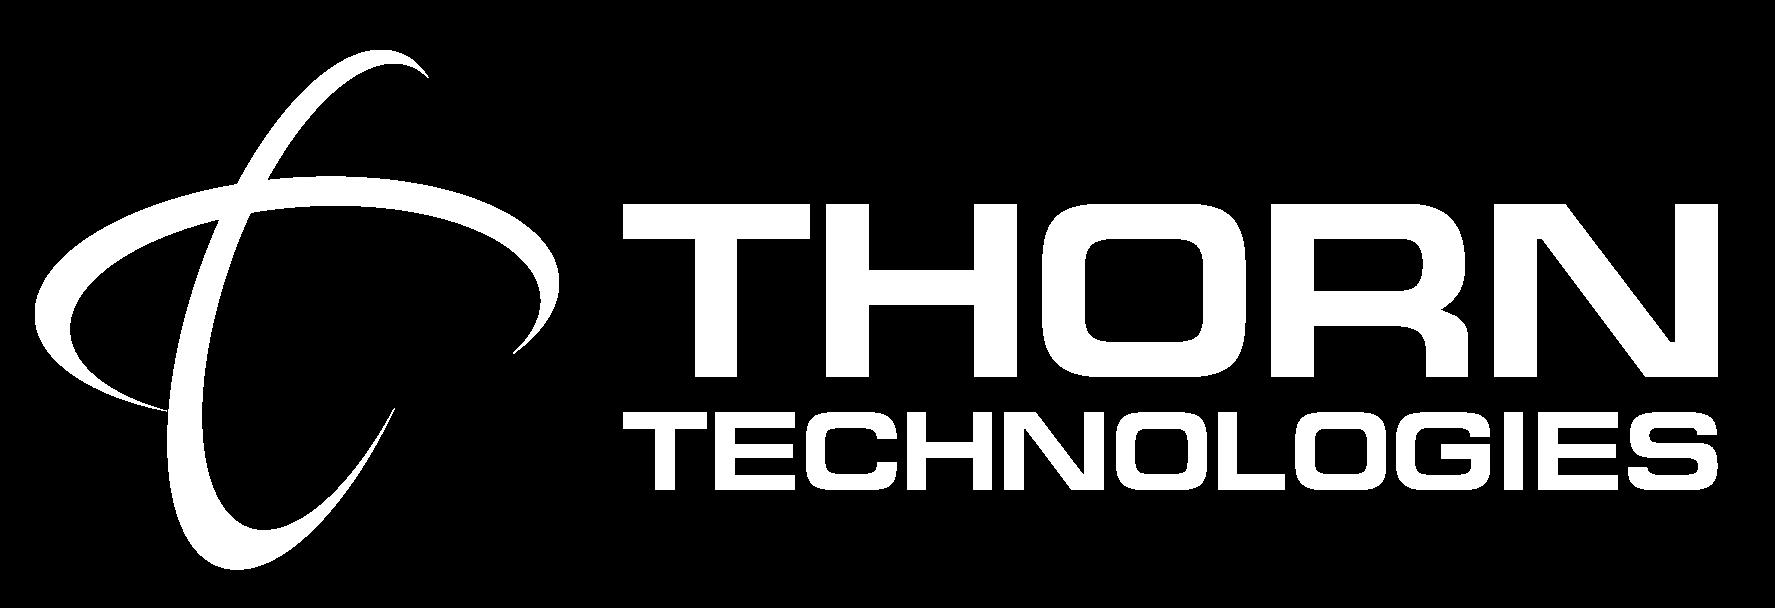 thorn-technologies-logo-white